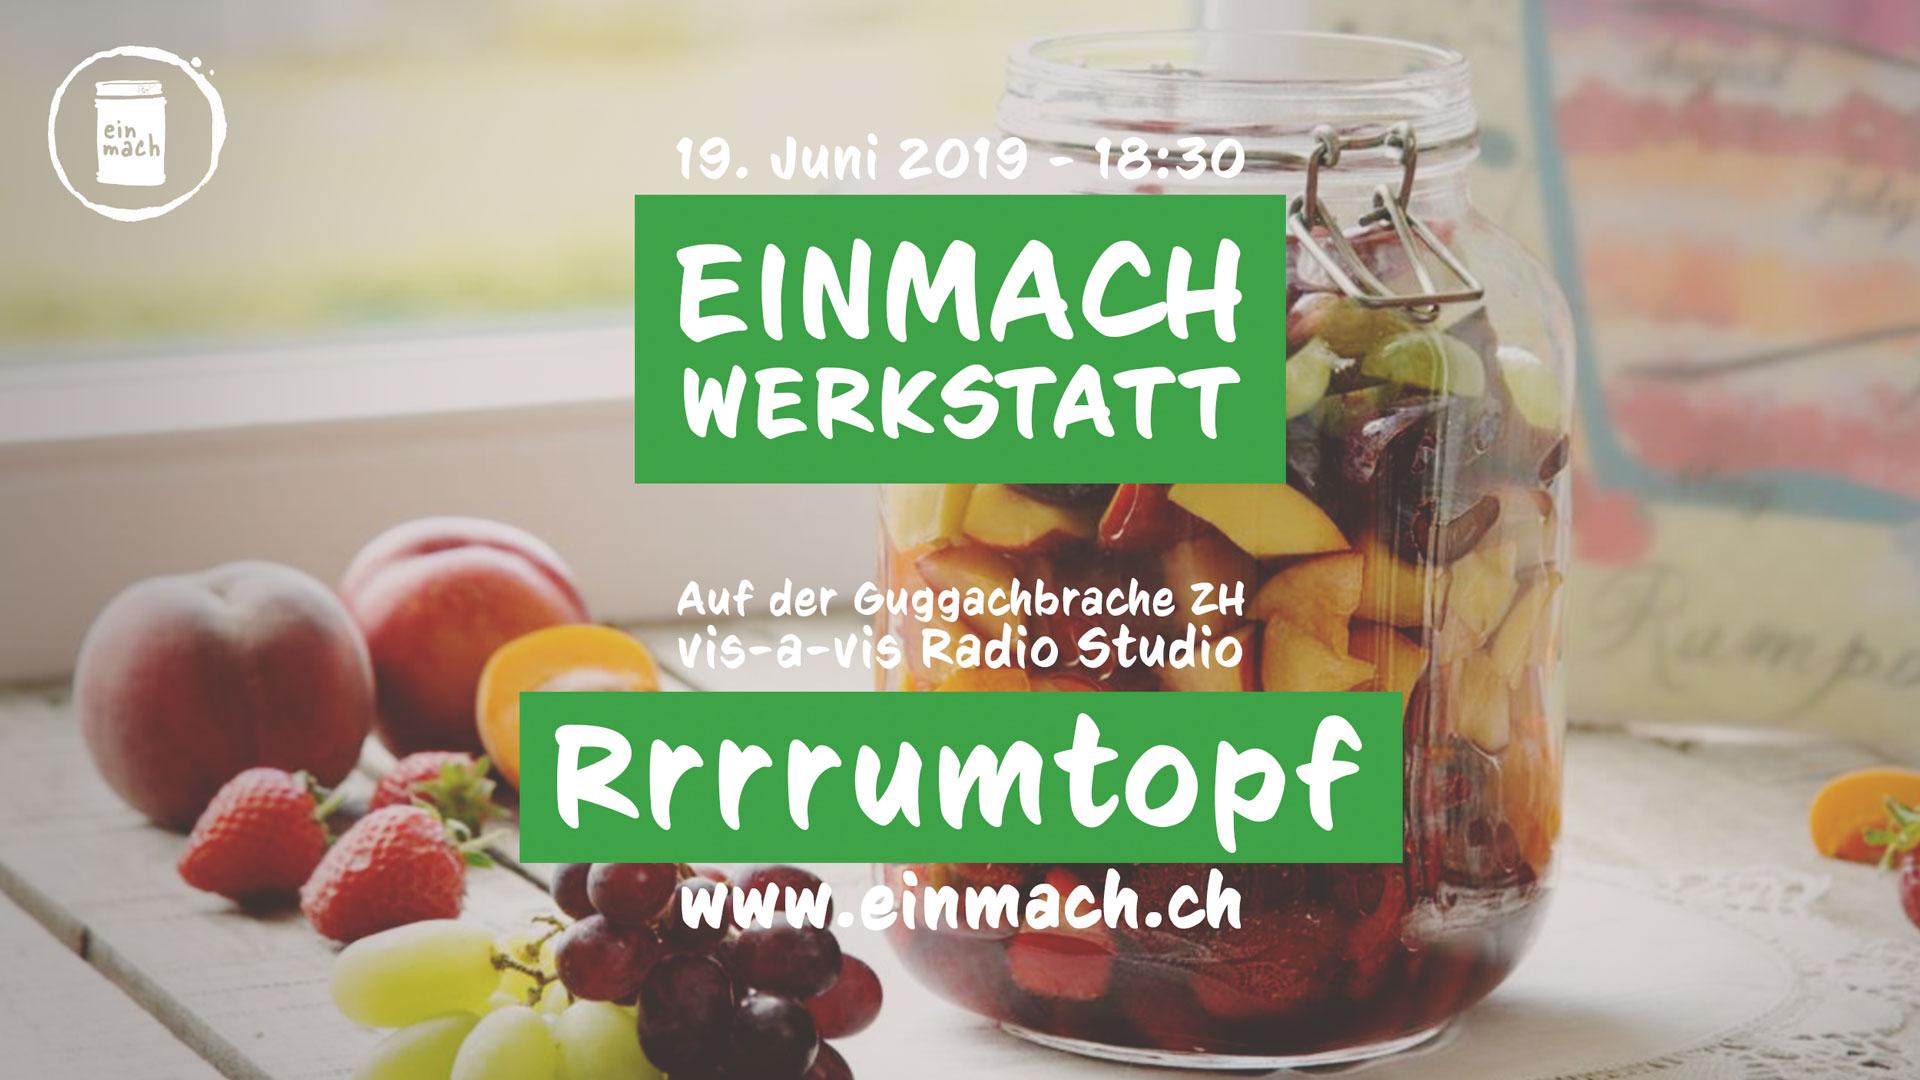 Einmach Werkstatt – 19. Juni 2019 – Rrrrumtopf